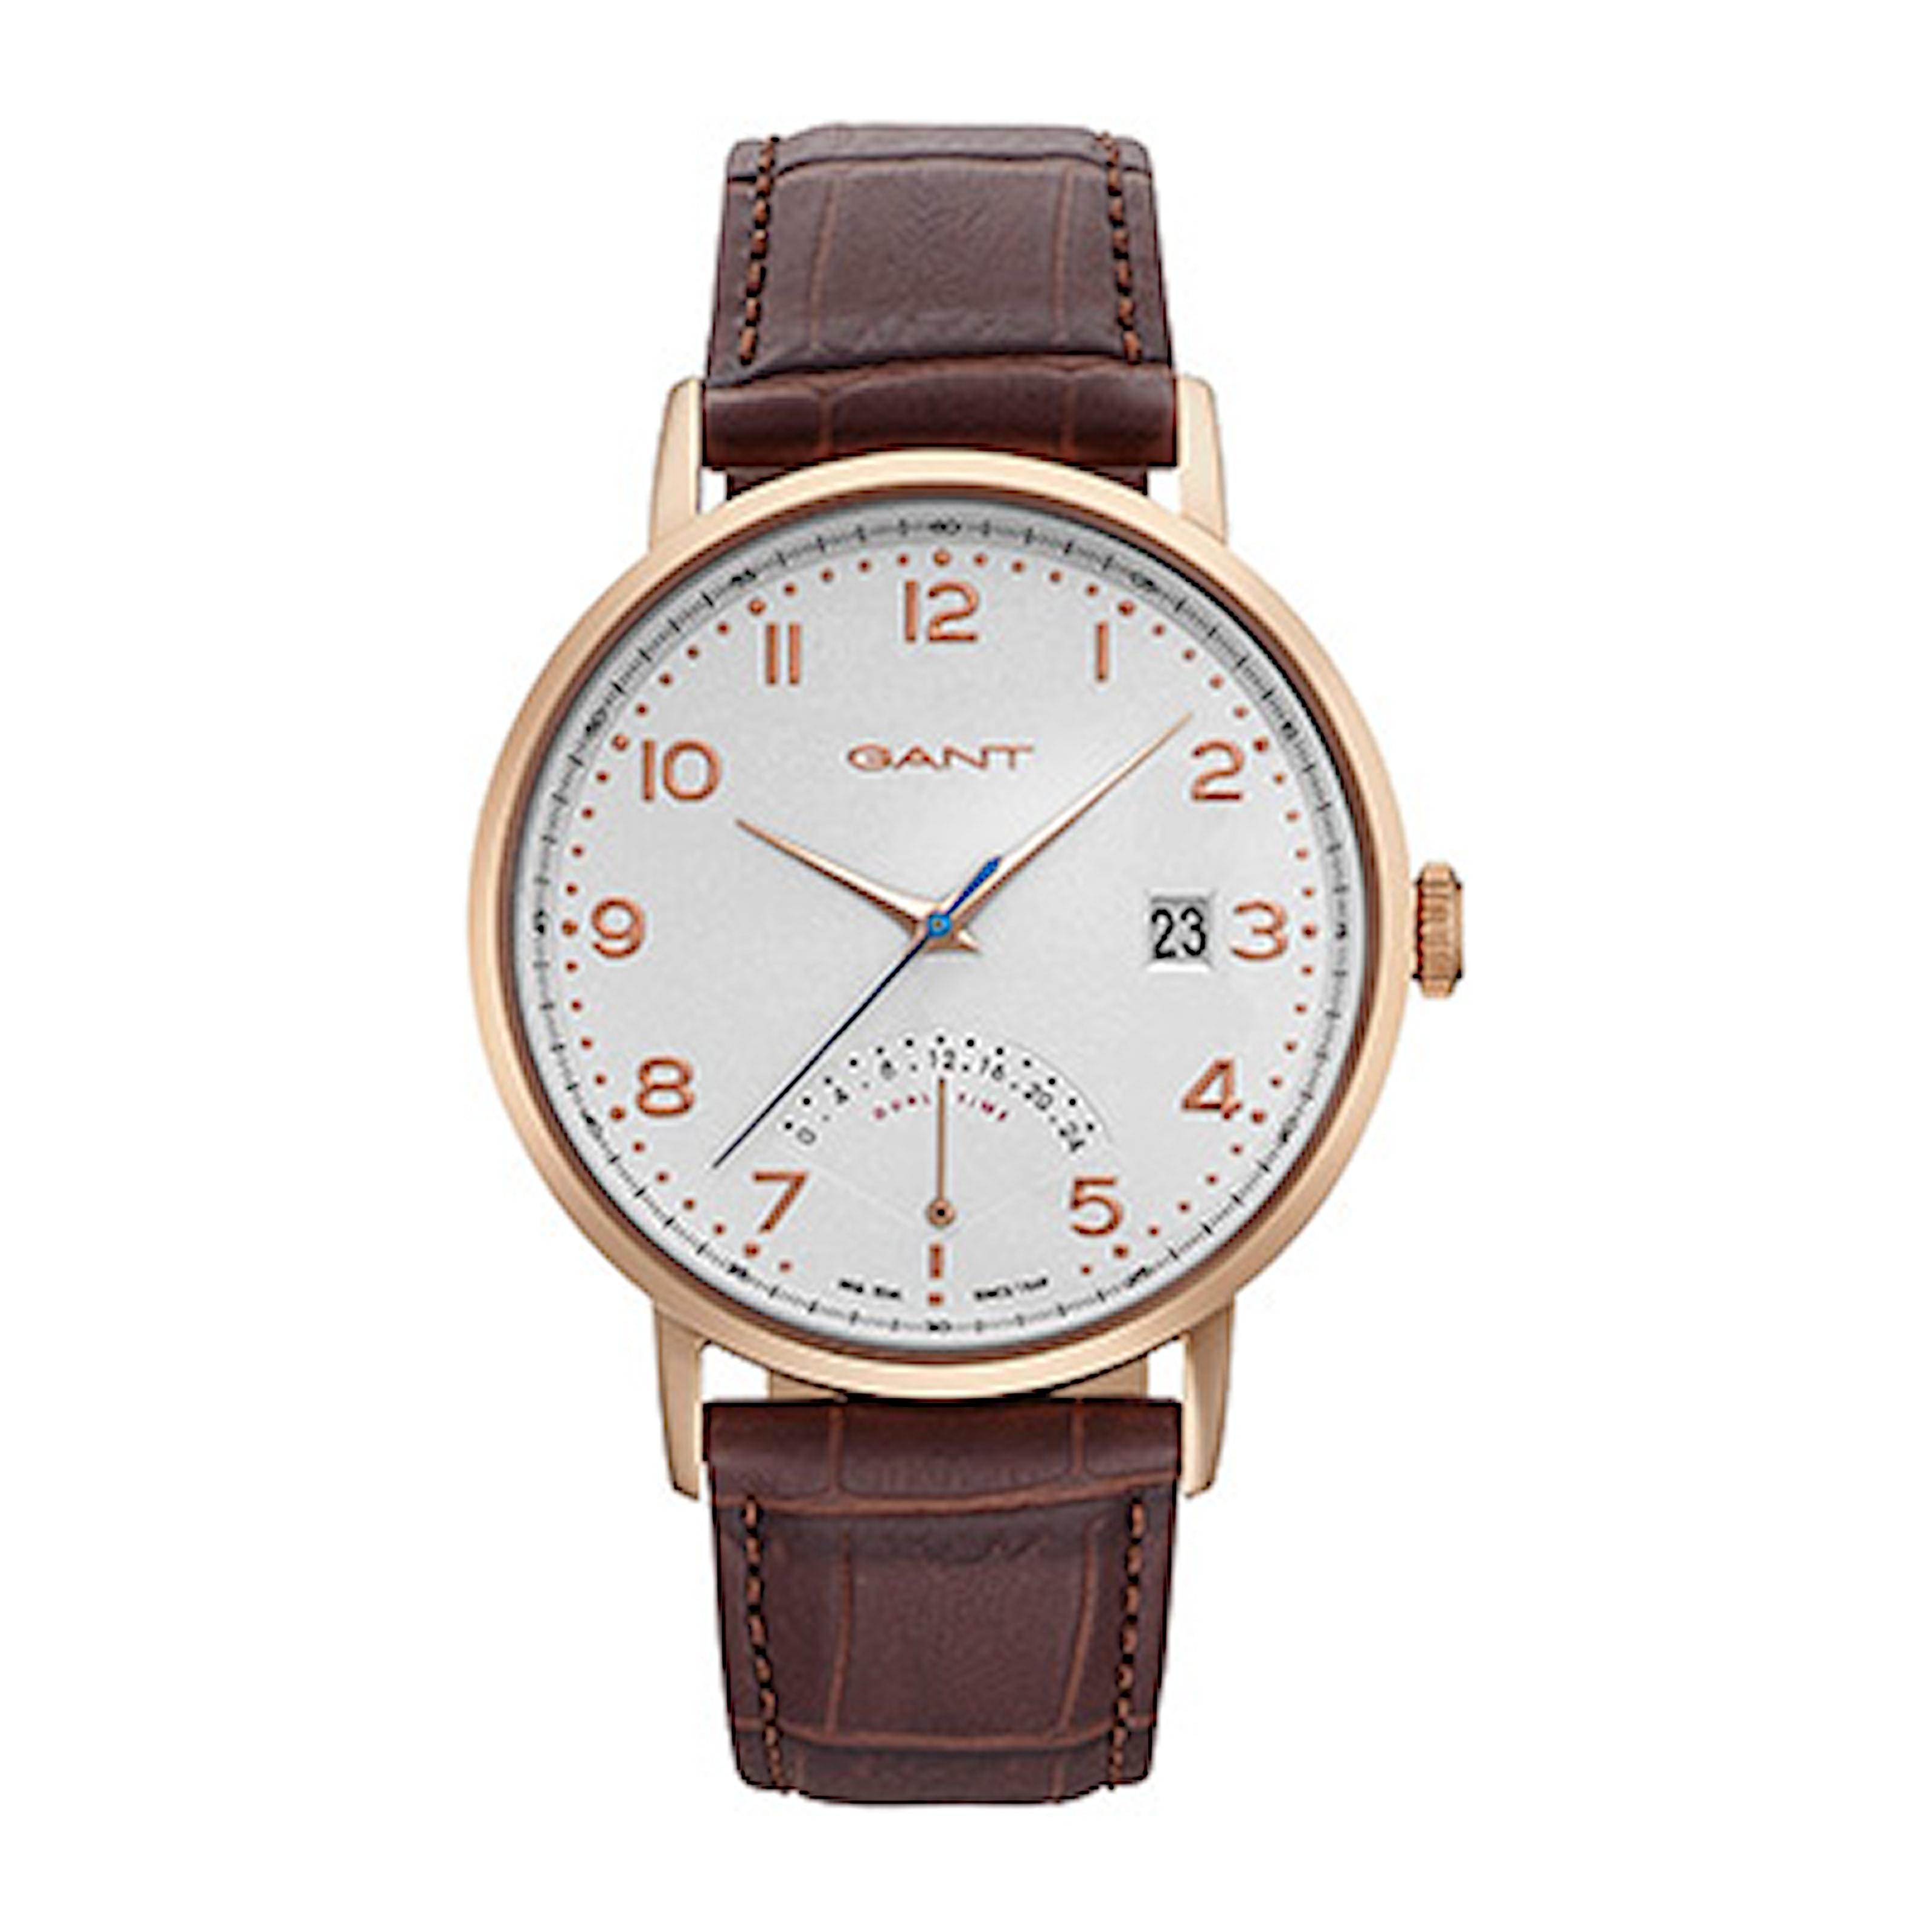 GT022003, GT022003, Armband: brun, läder. Urtavla: silver, rostfritt stål. Mått: 41,5 mm,